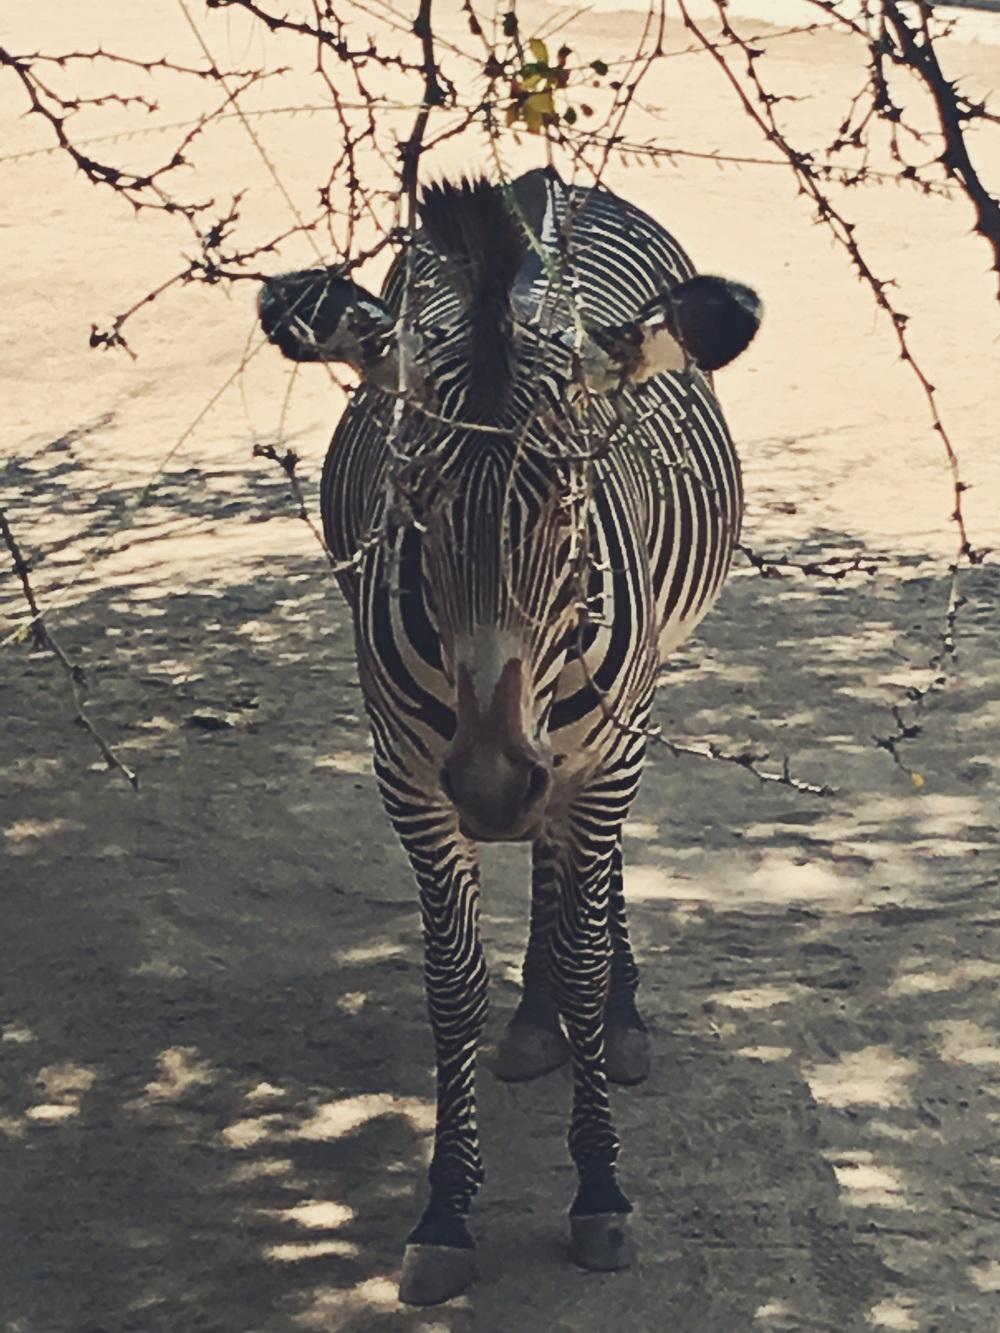 Beautiful zebra at the LA Zoo